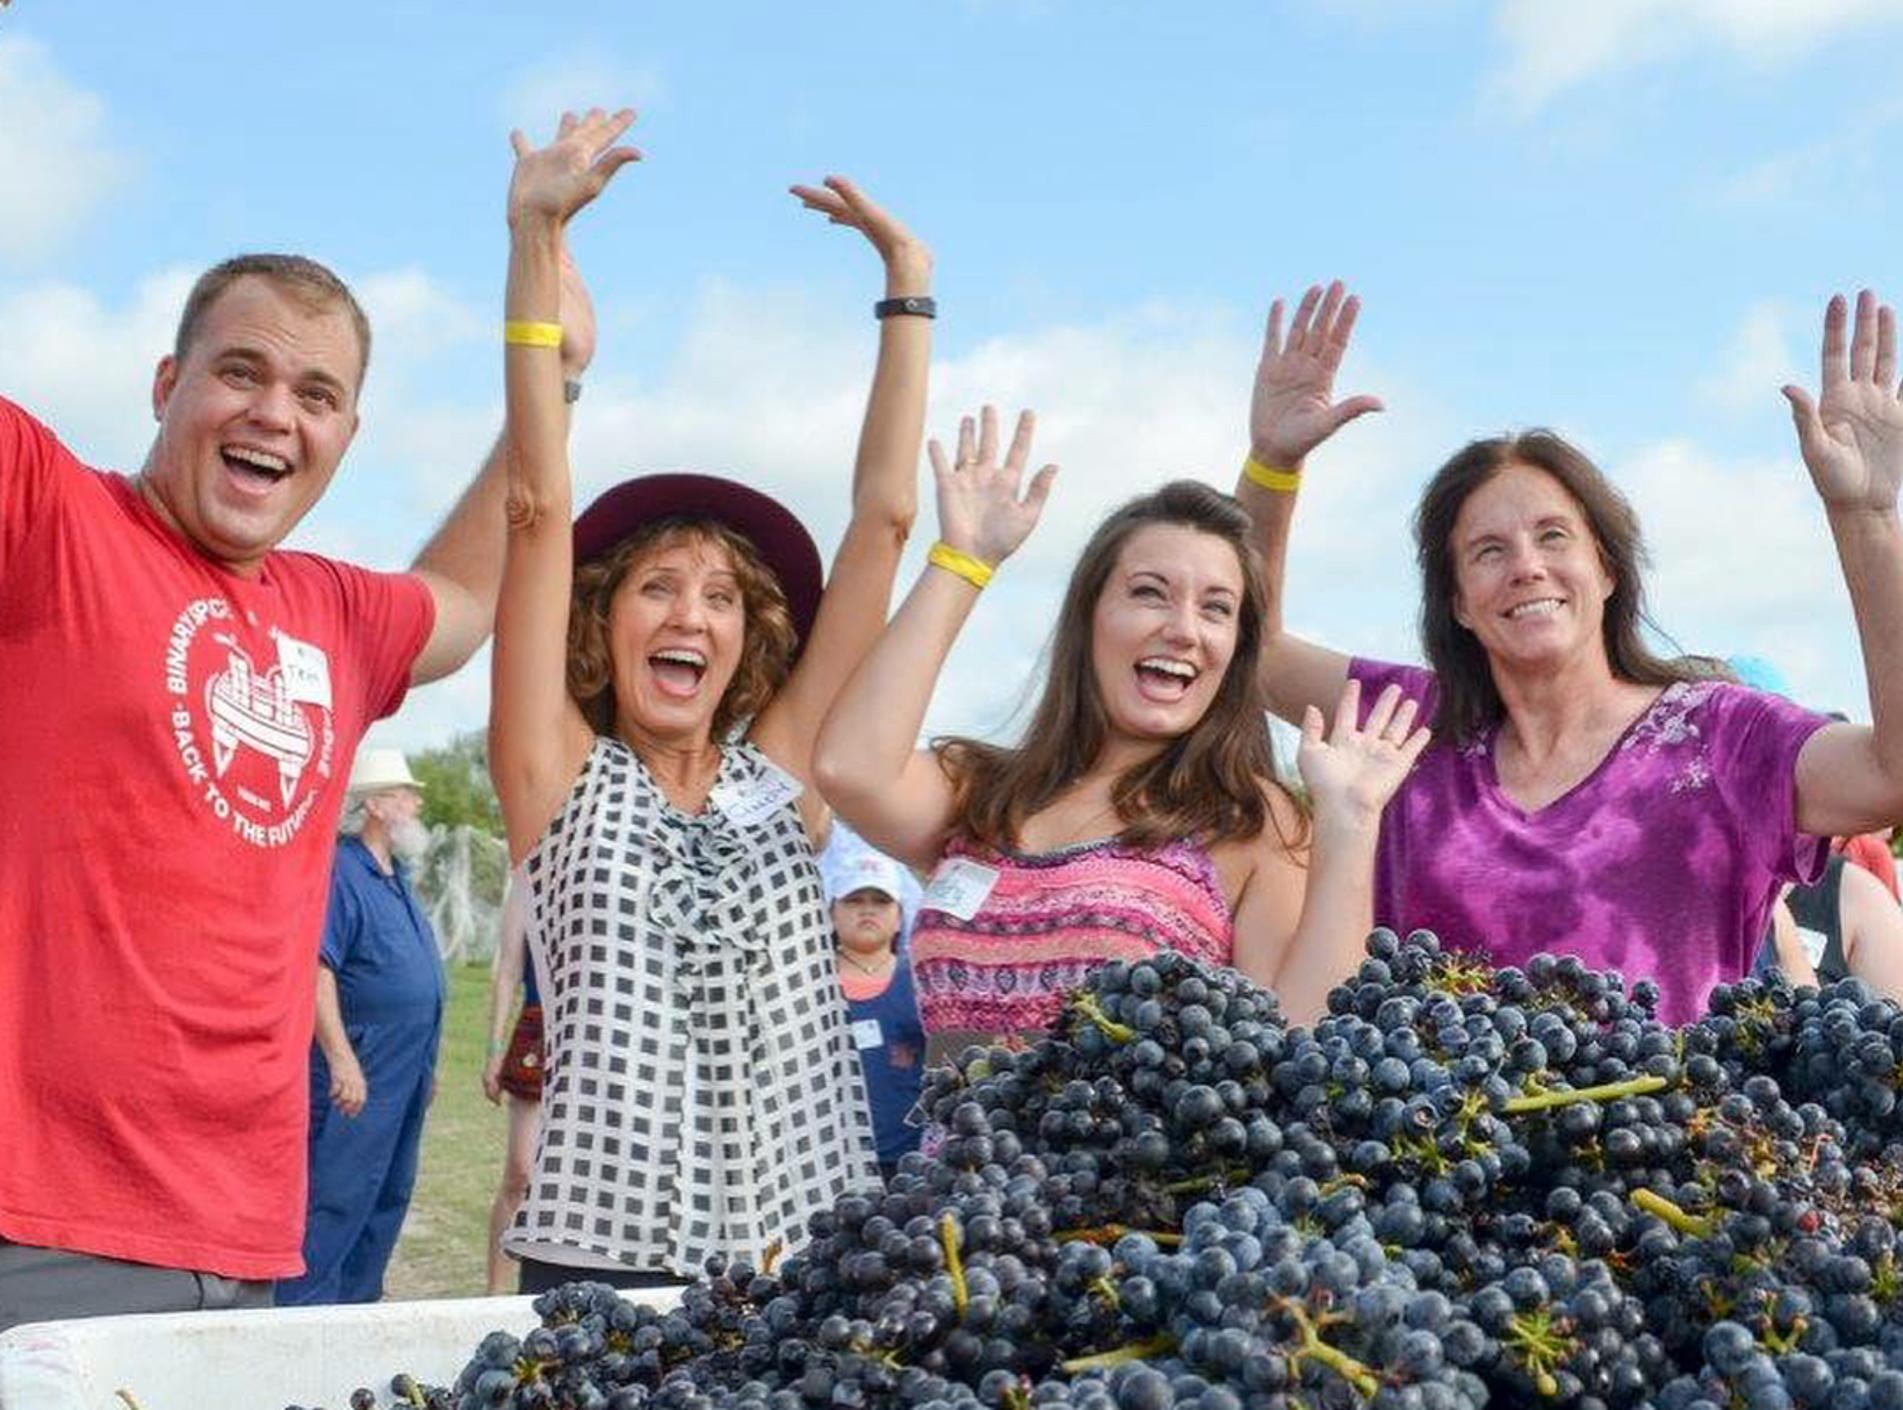 Messina Hof Harvest Festival